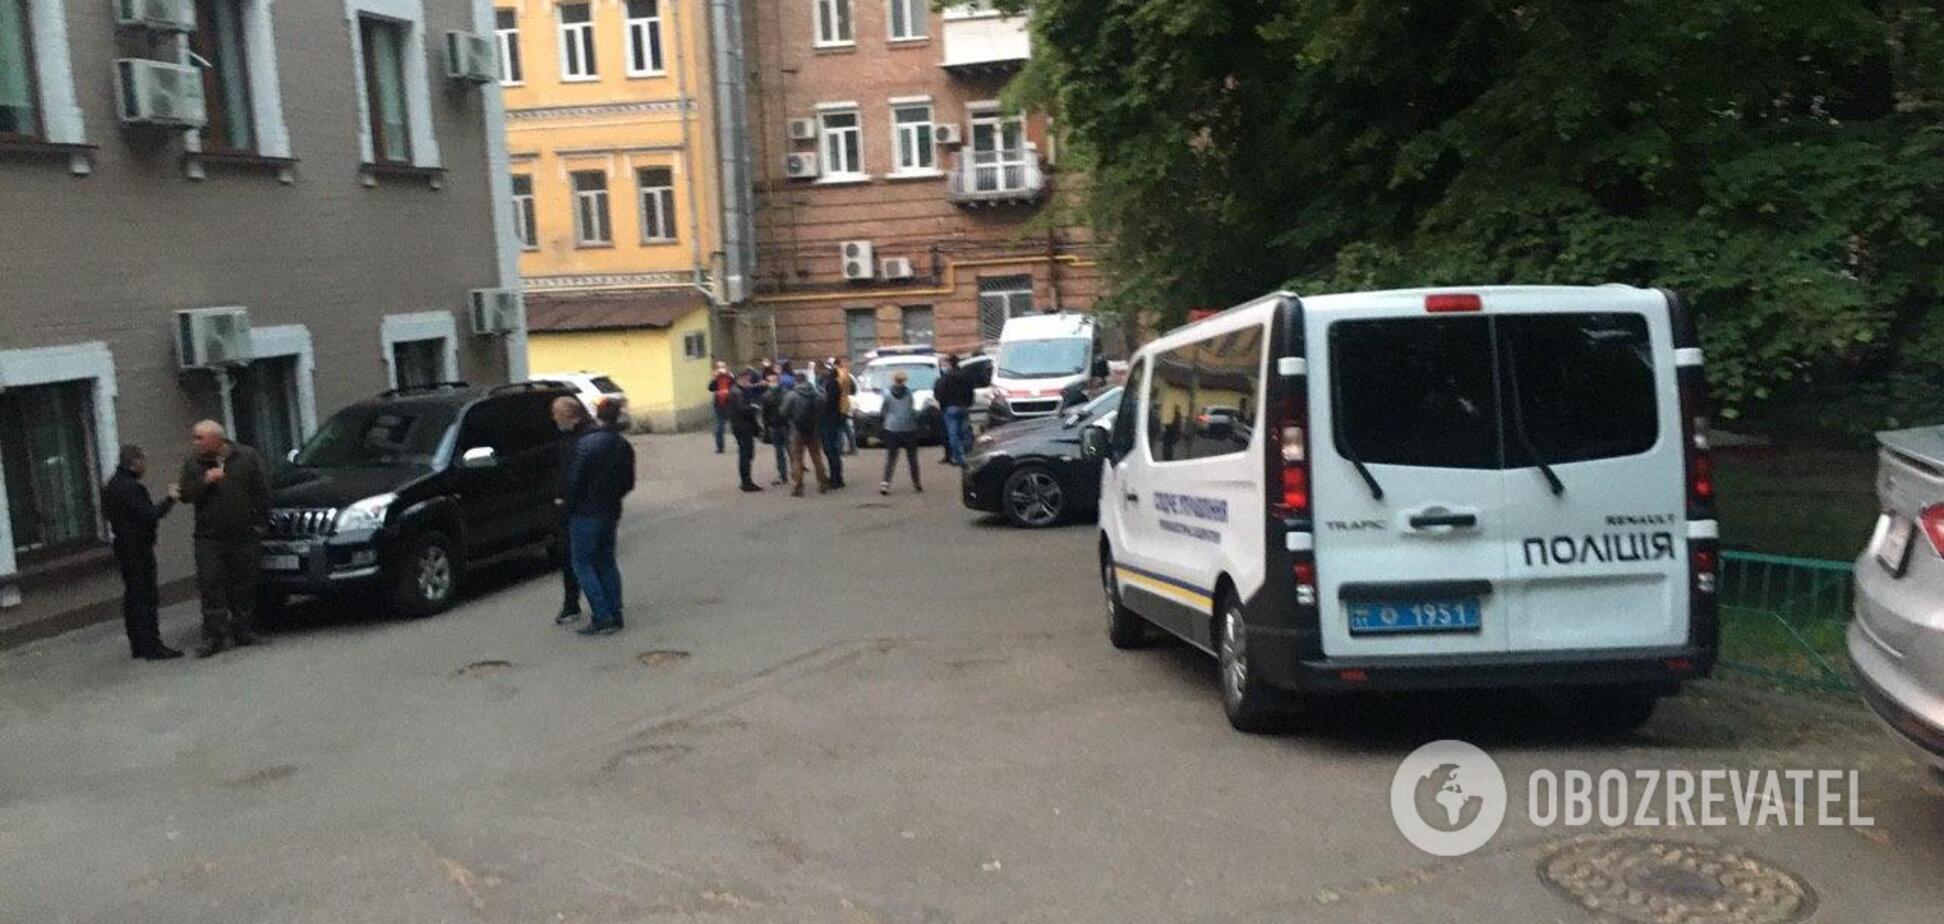 Полиция назвала версию гибели нардепа в Киеве